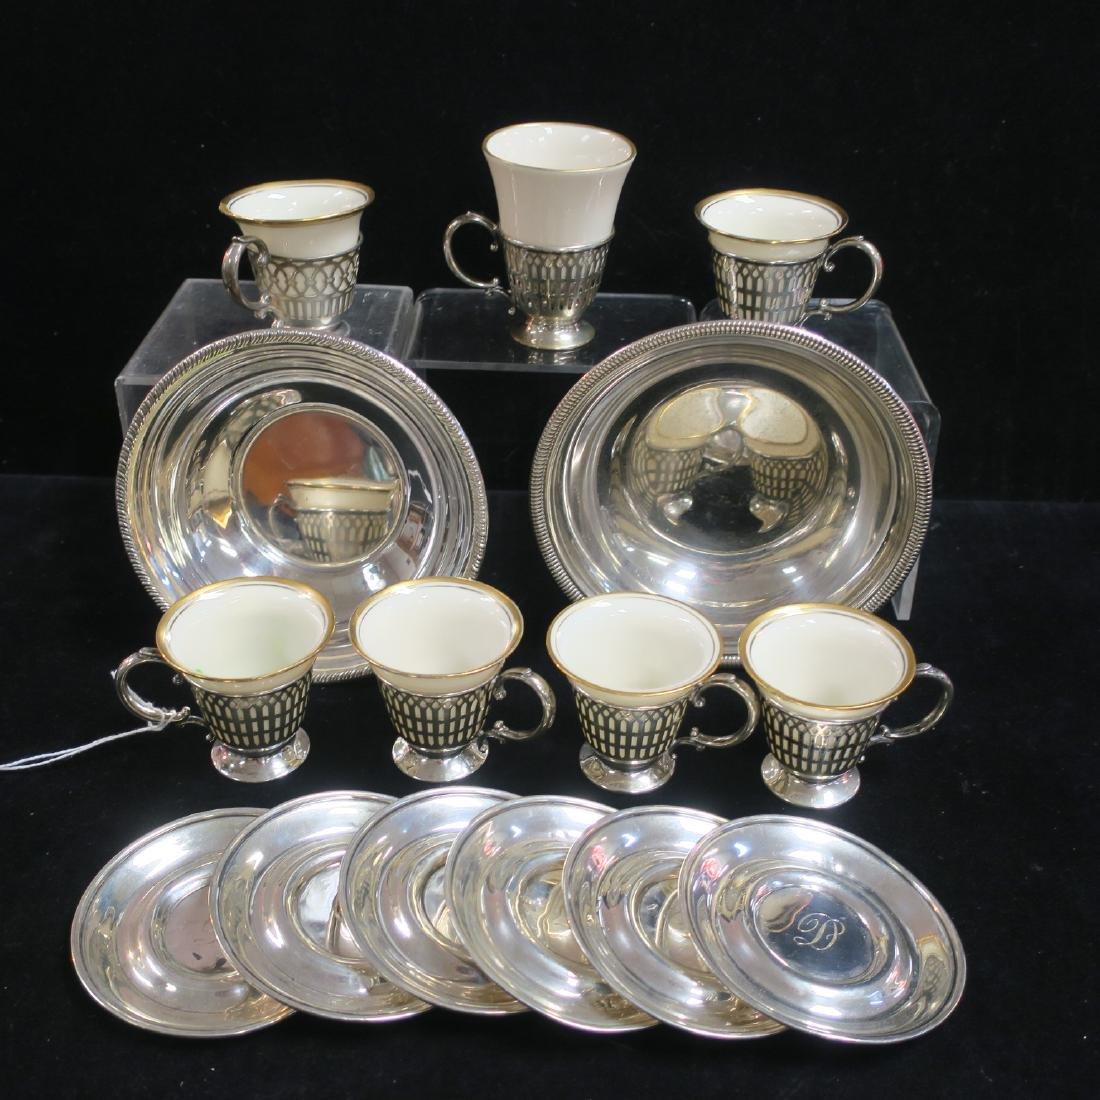 Seven Sterling Demitasse Cup Holders, Saucers & Bowls: